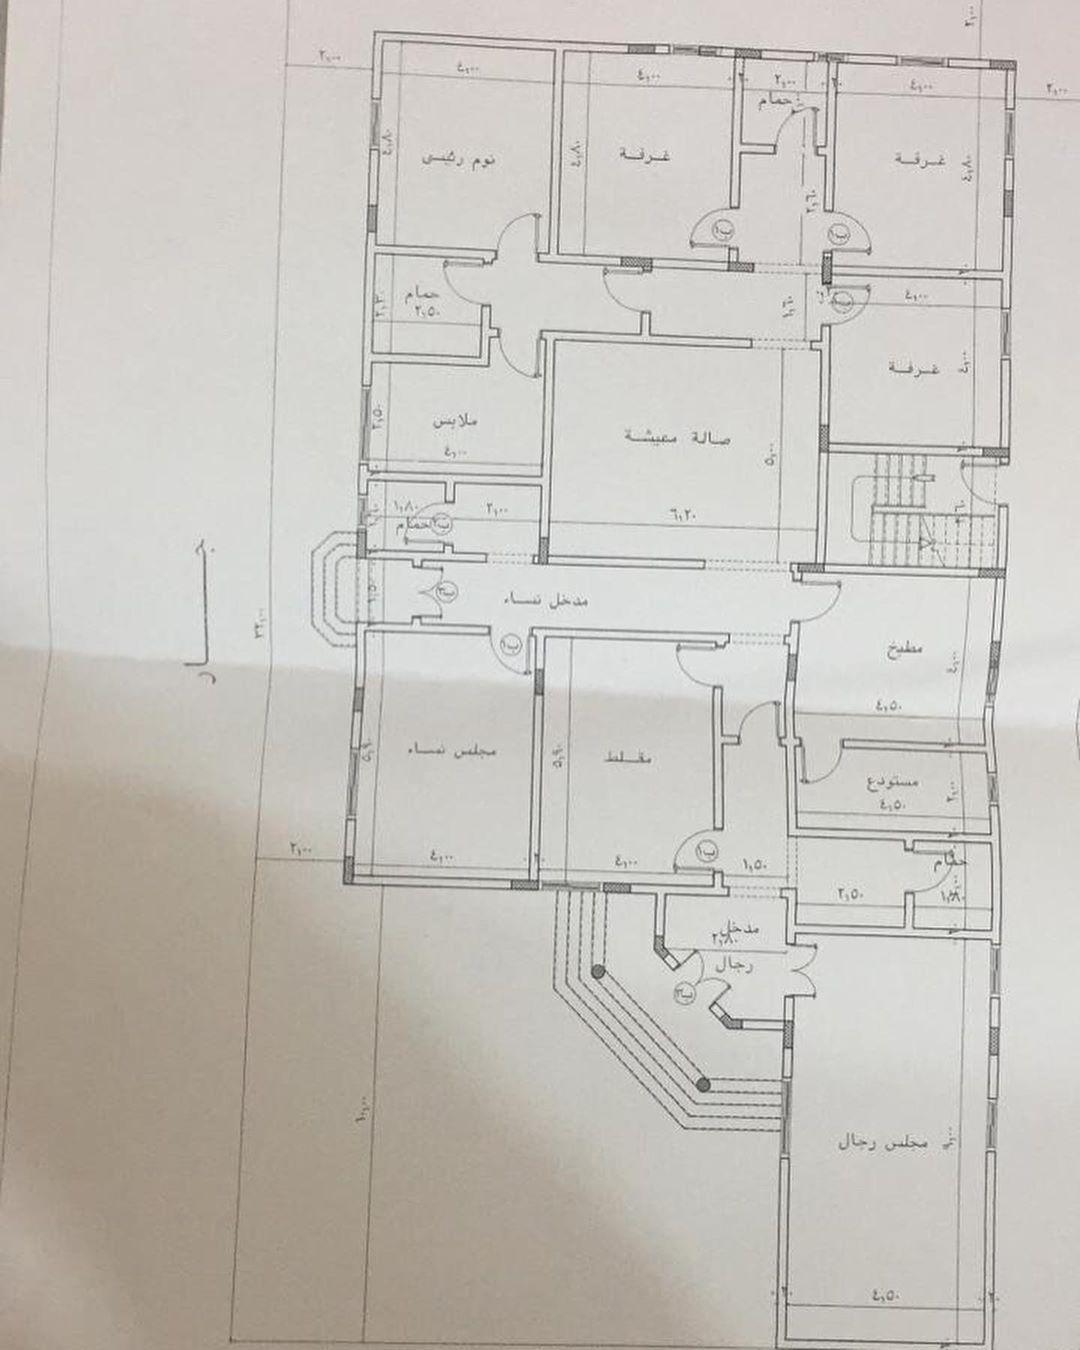 ديكور ستايل مطابخ مطبخ ترتيب تنسيق ديكورات بيت بيوت طاولات طاولة سنع سنعات Decor Floor Plans Sheet Music